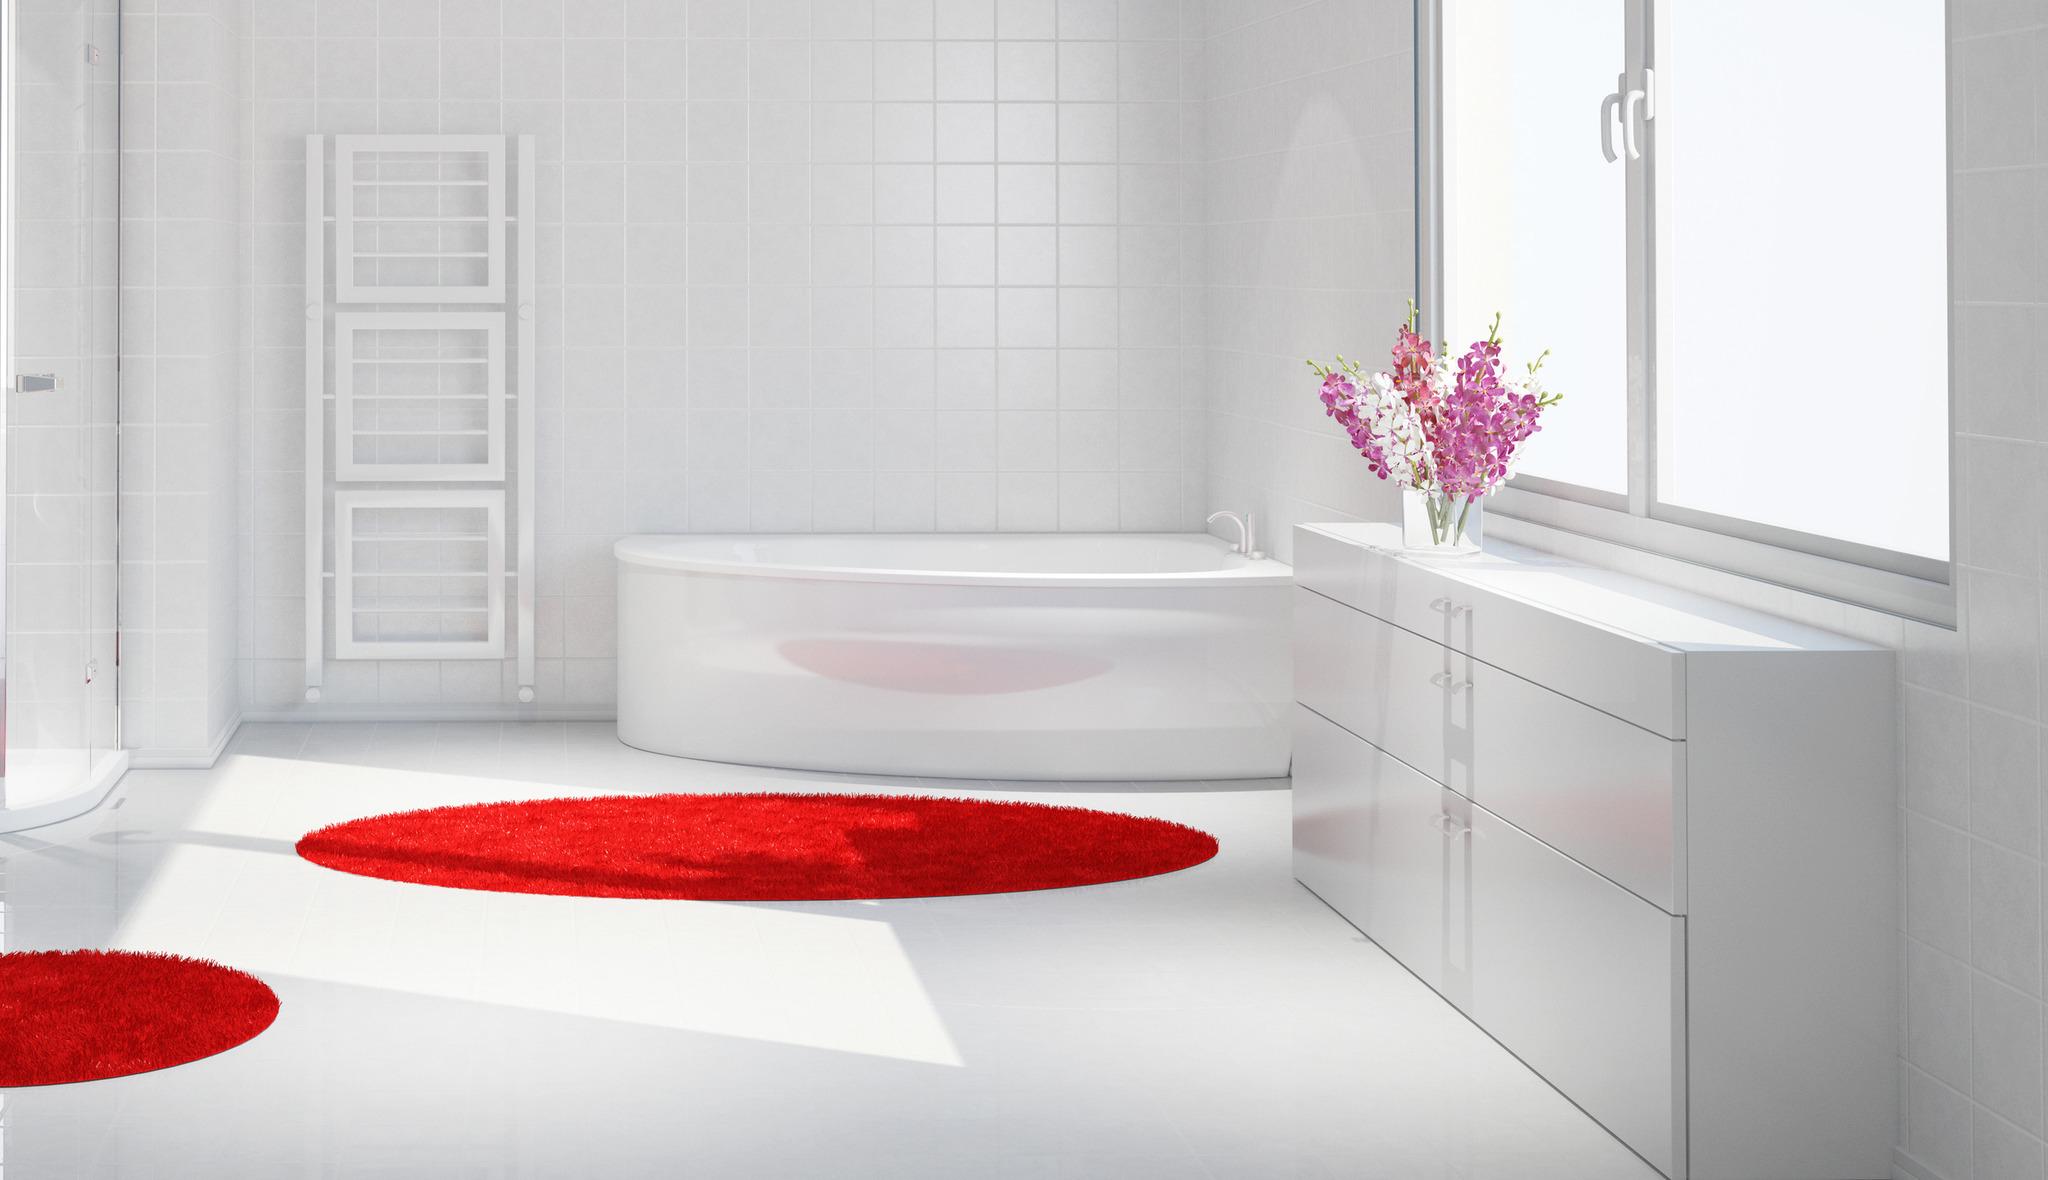 Clean - weiß - glücklich! Latexfarbe im Bad - Experten-Tipp von